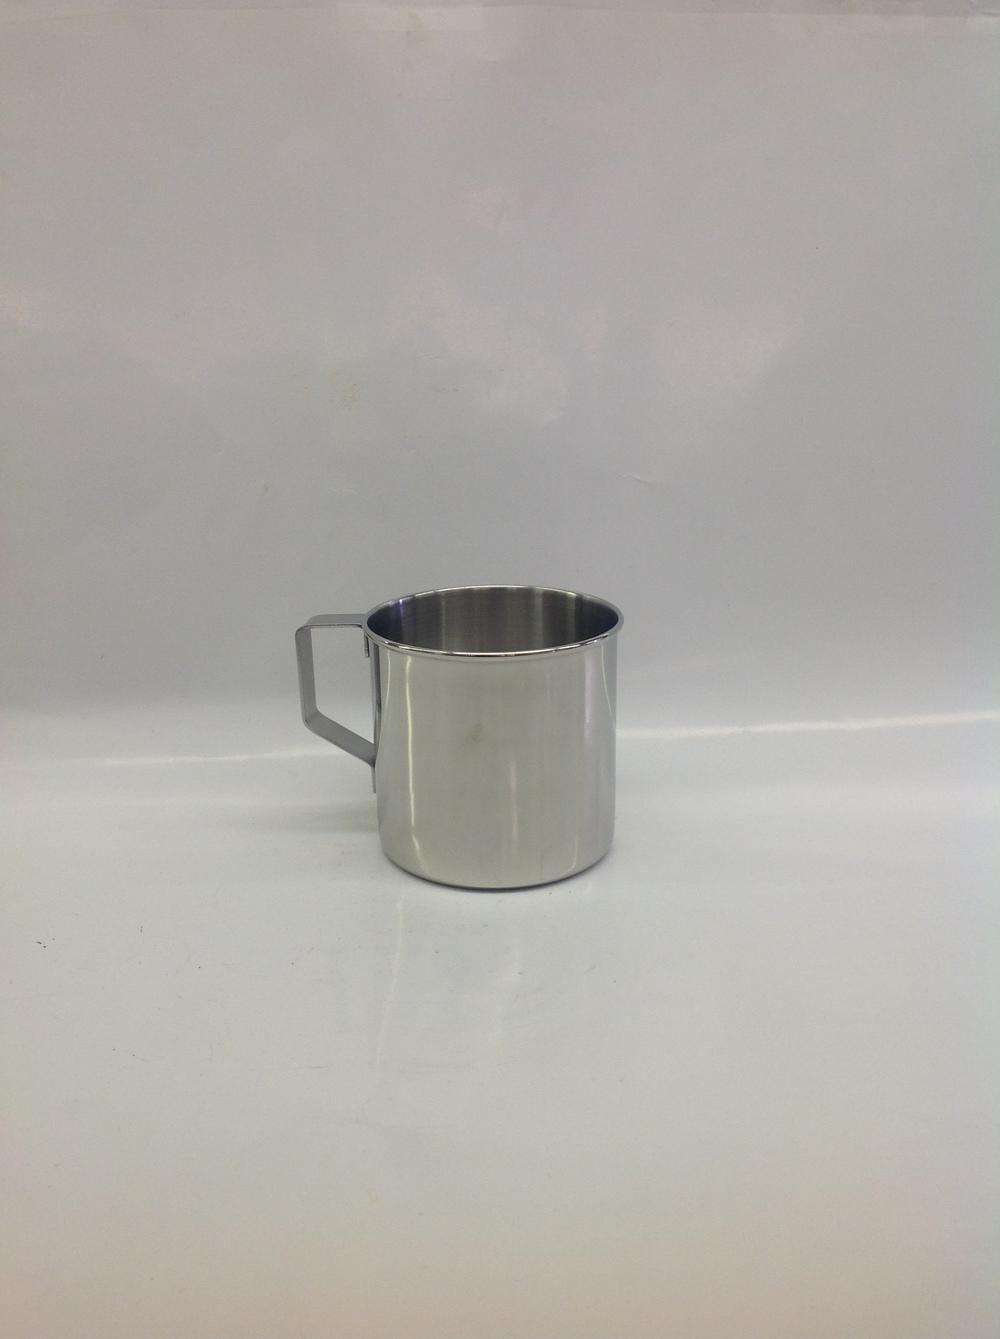 Cup, Aluminum